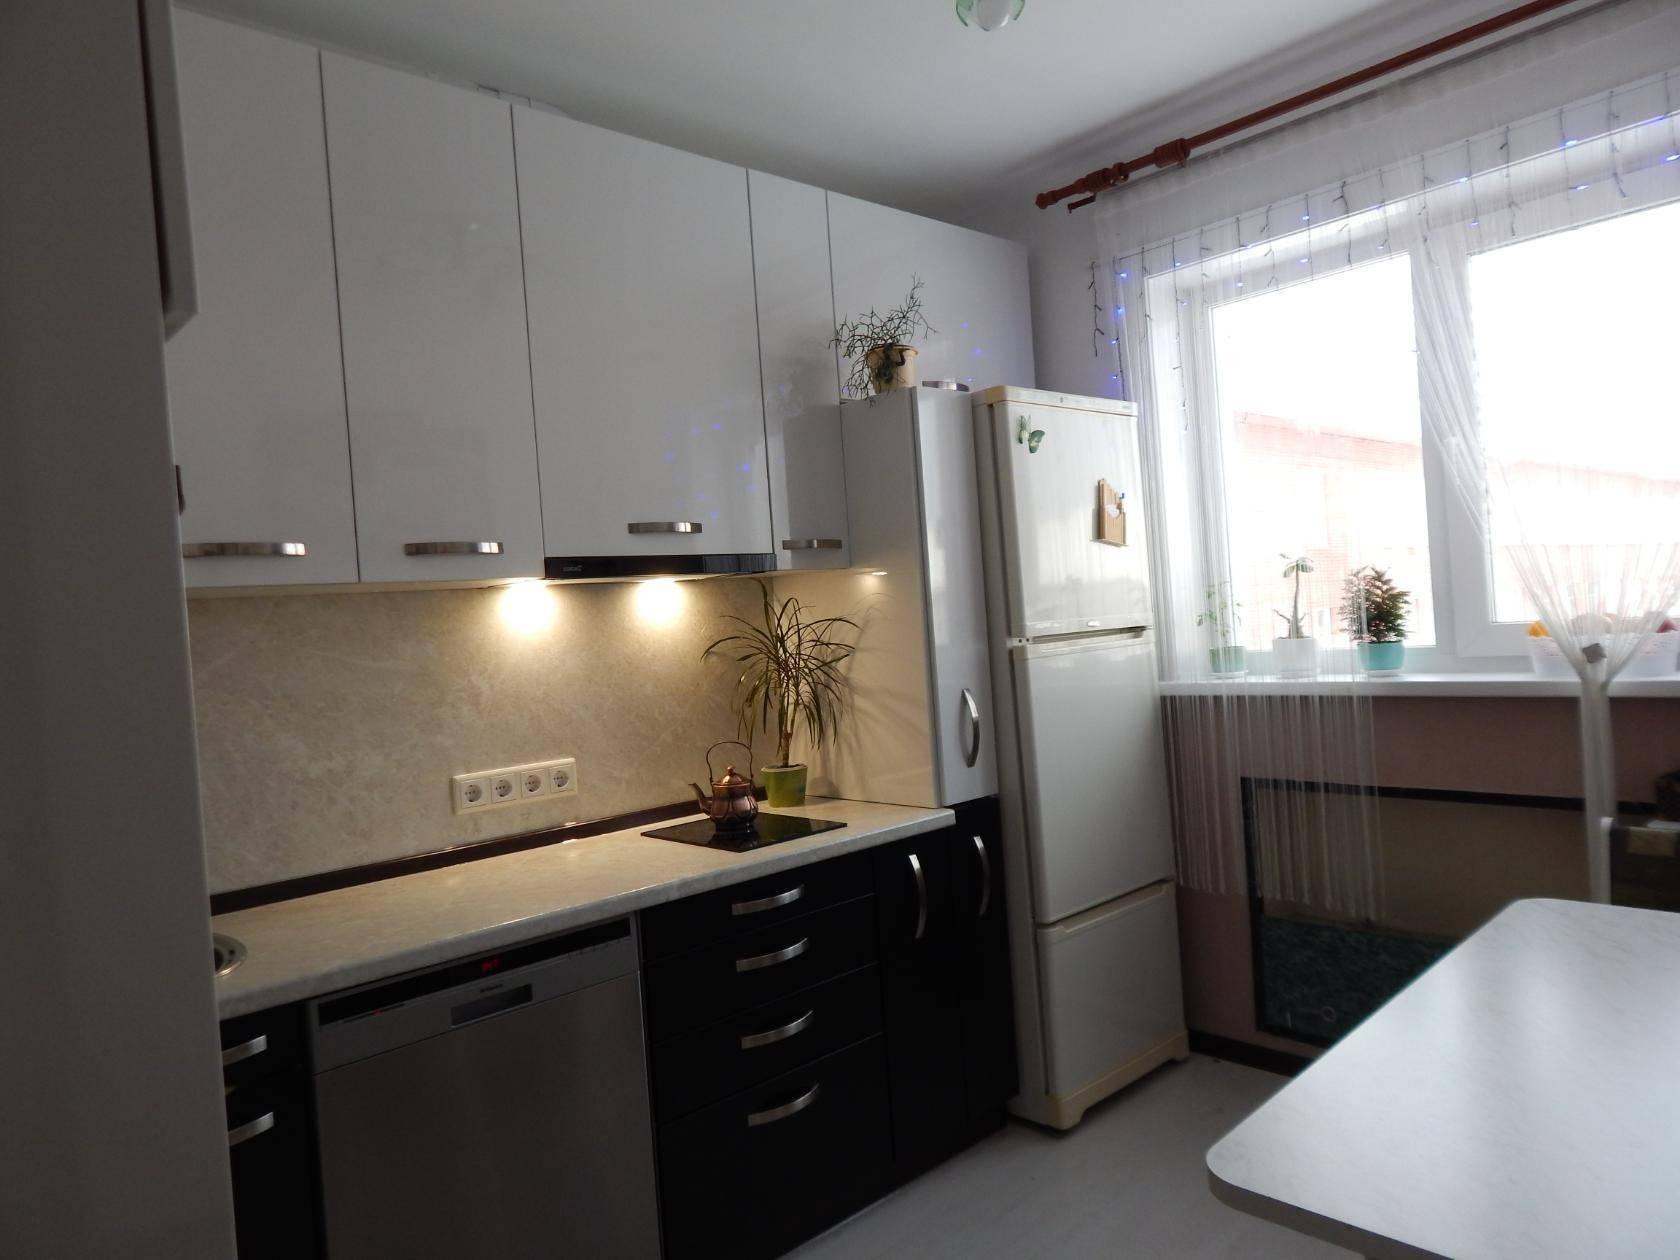 Дизайн кухни 9 кв. м.: уникальные интерьеры и организация пространства (110 фото)